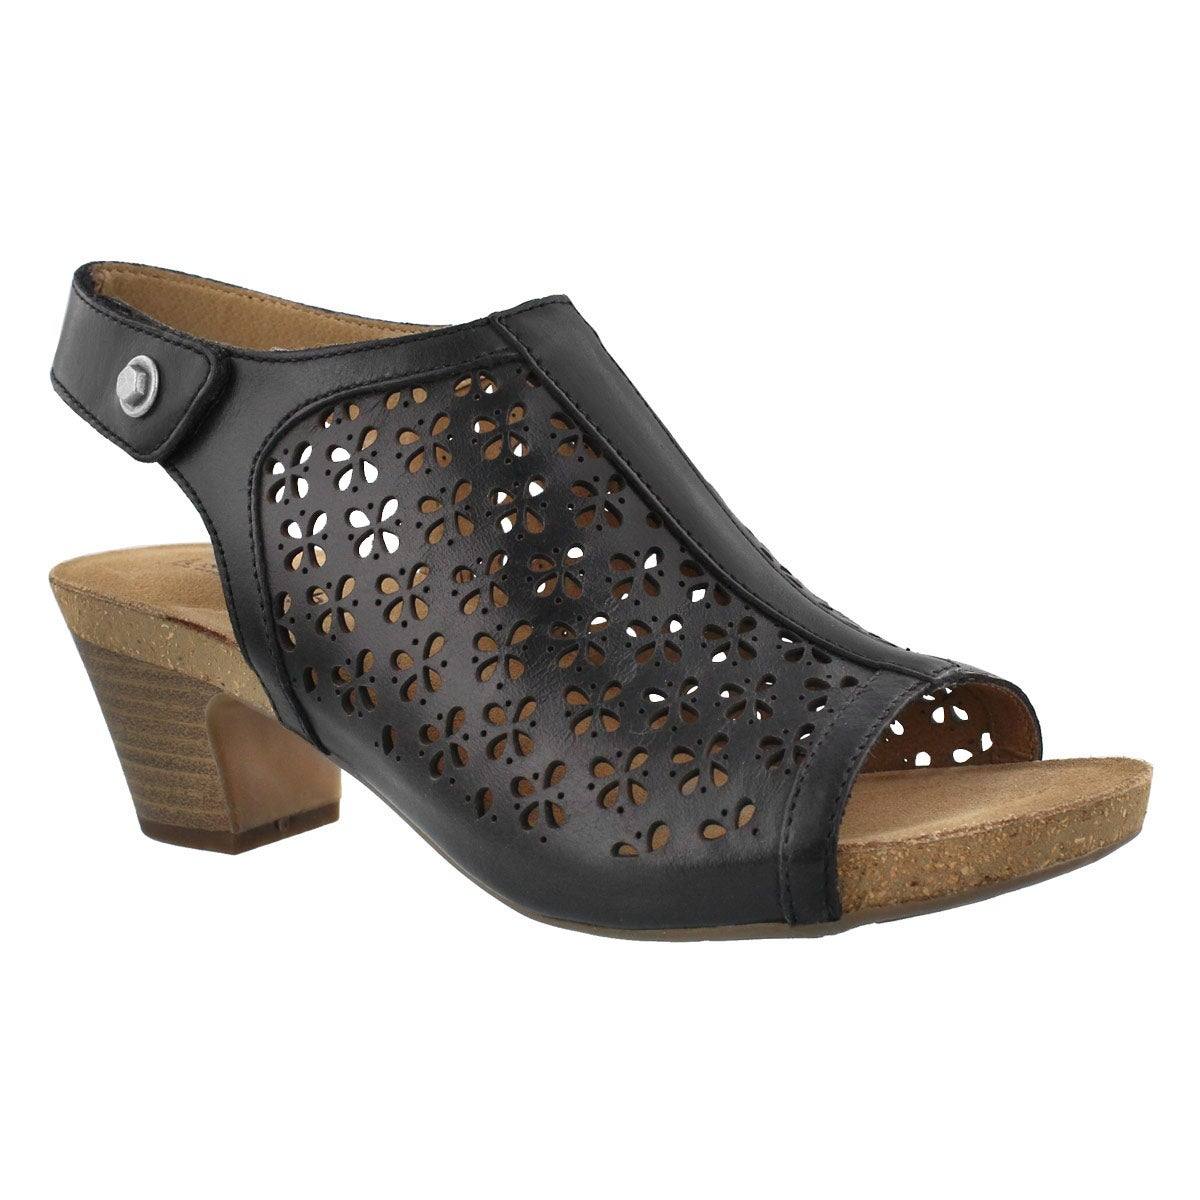 Women's RUTH 33 black dress sandals